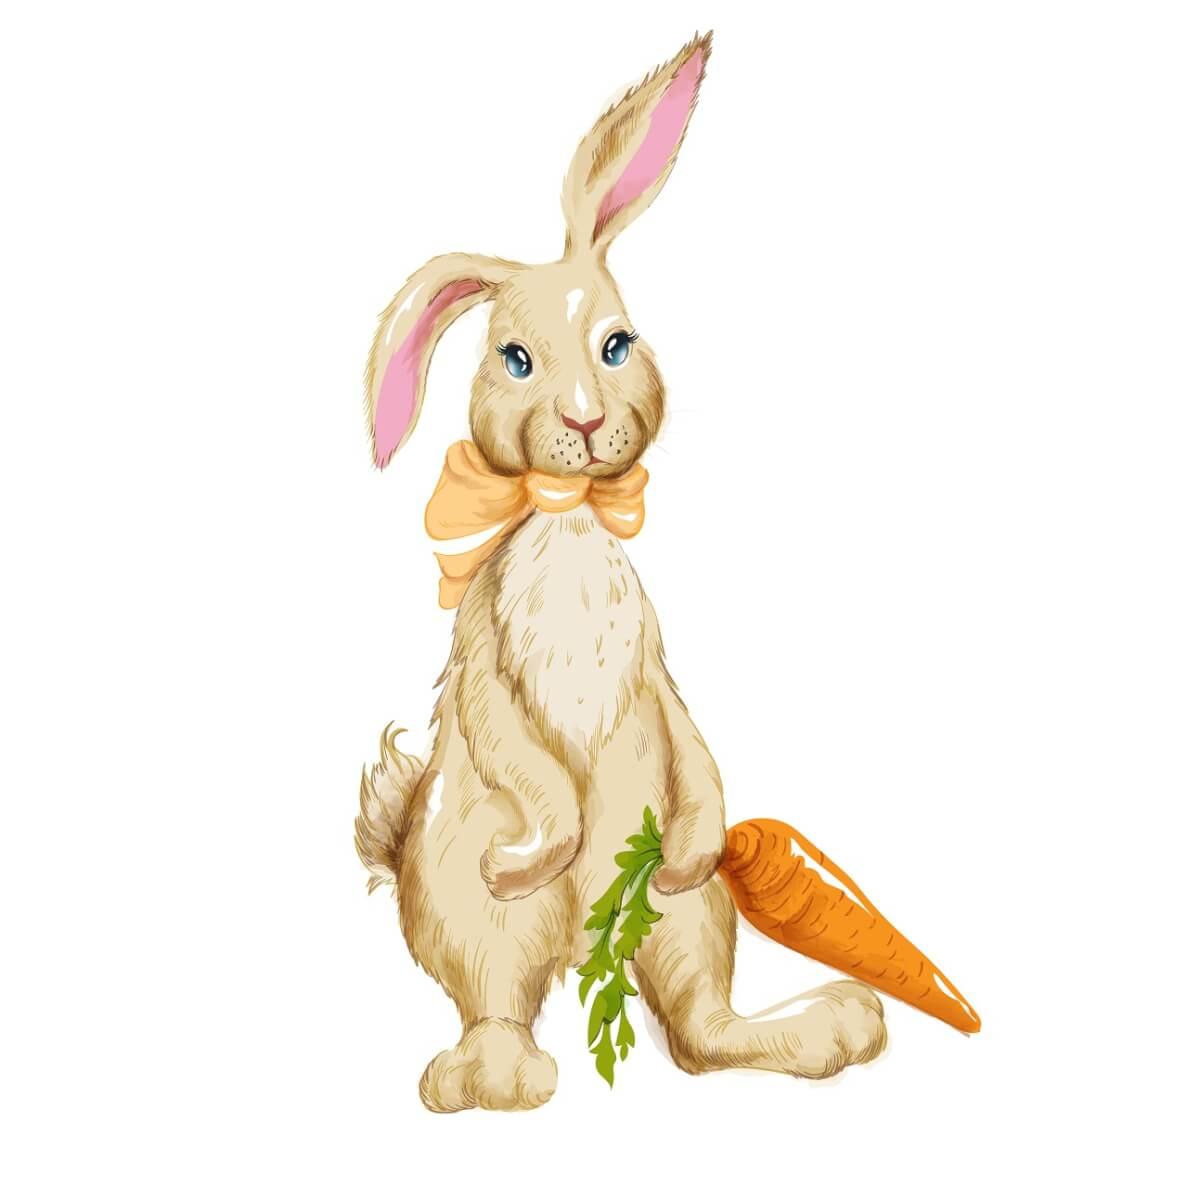 ウサギが耳をたてている様子